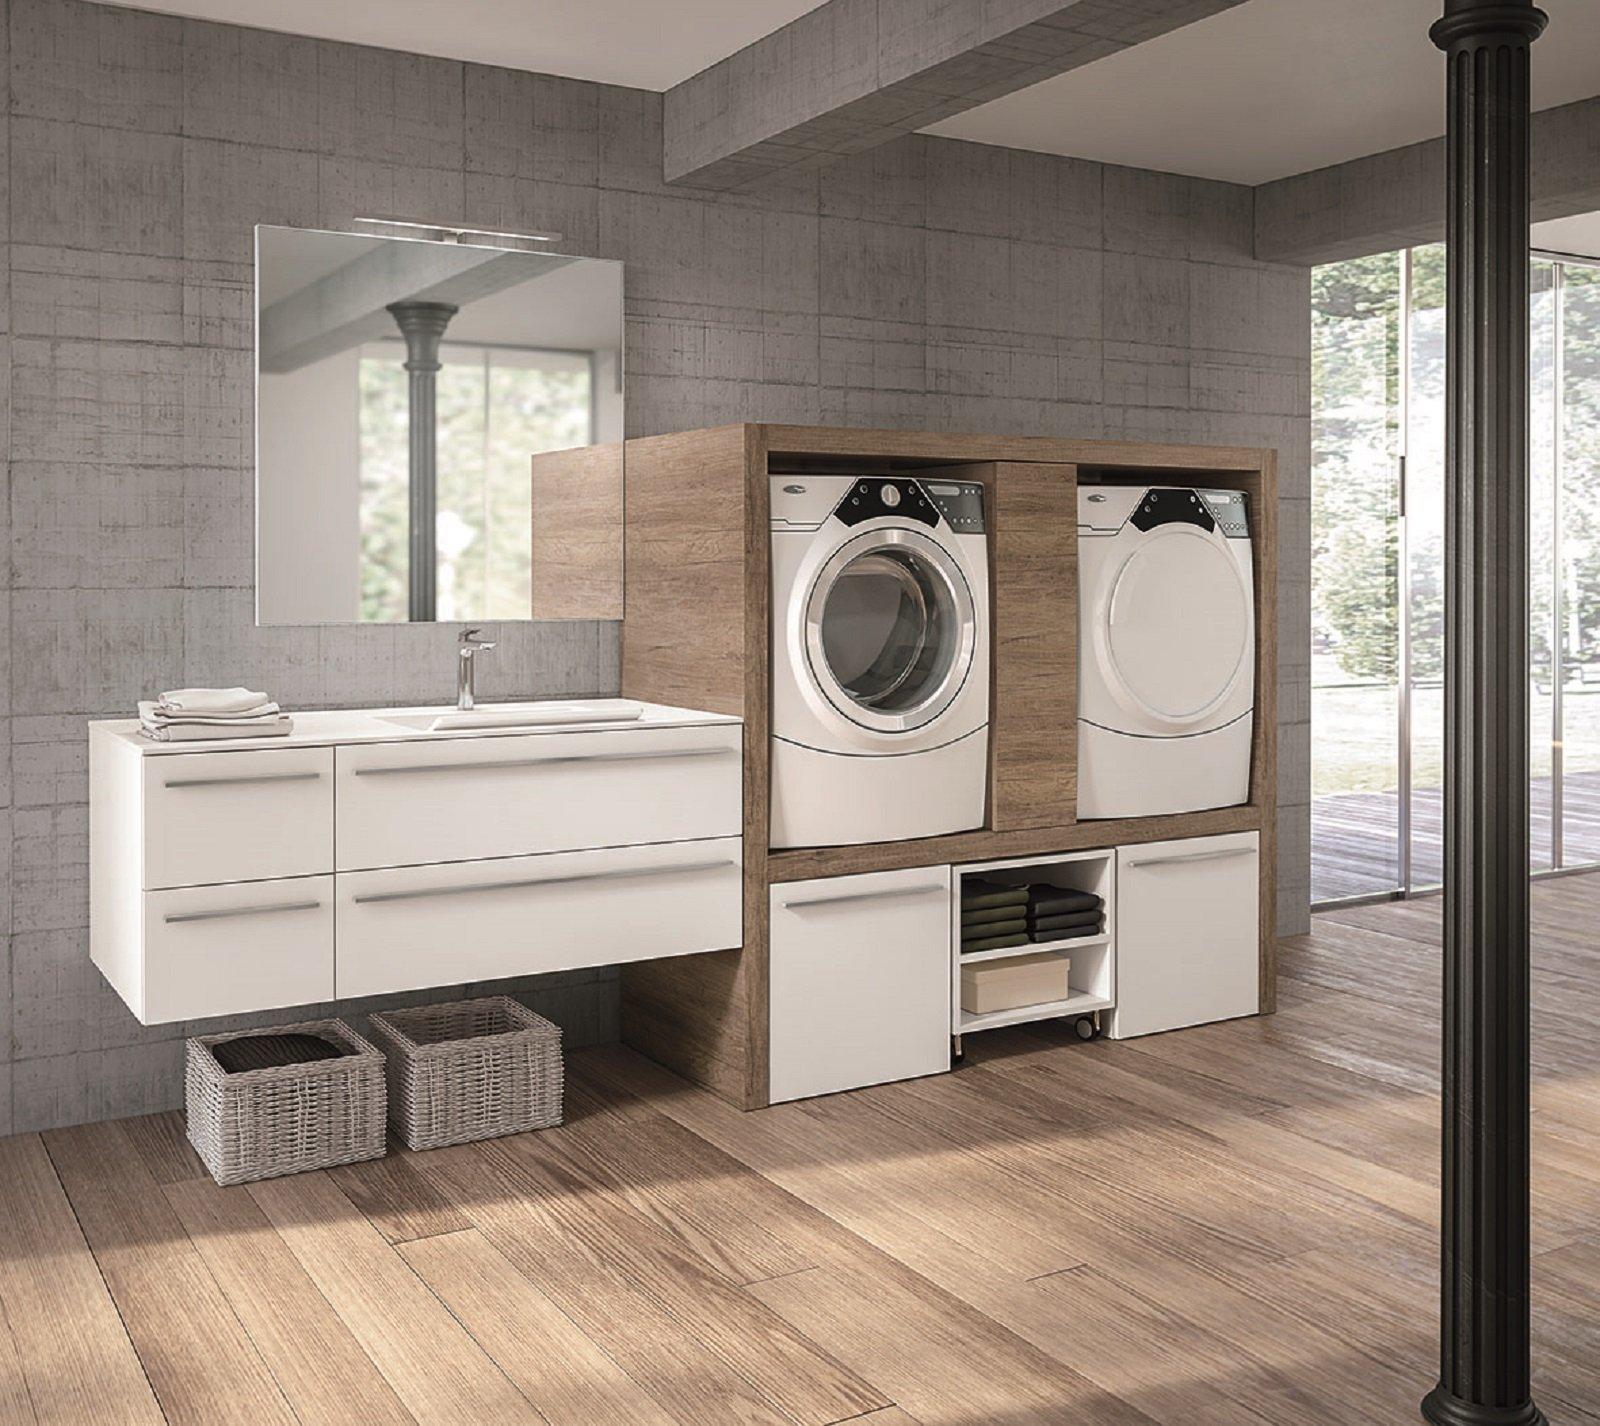 Lavanderia in bagno cose di casa - Lavatrice in bagno soluzioni ...